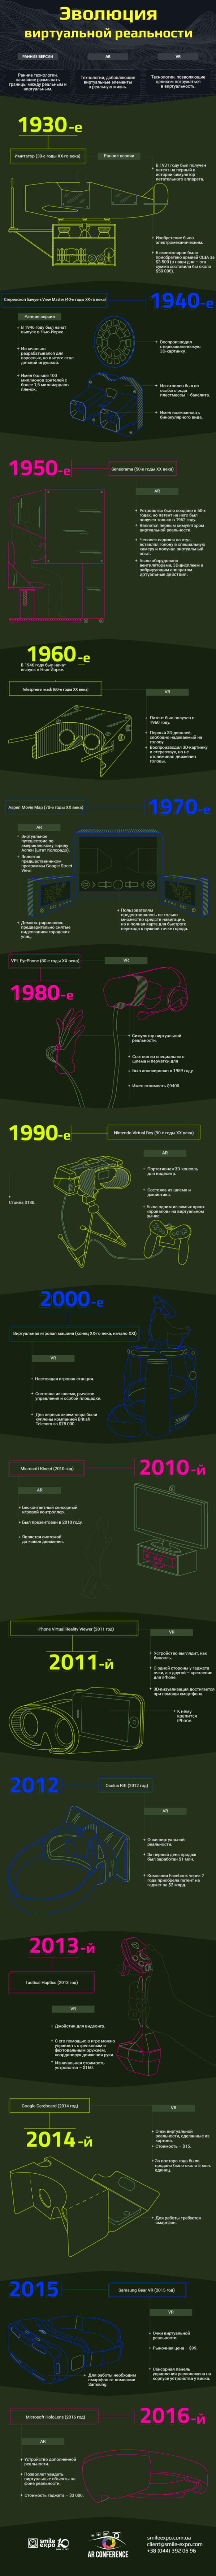 Эволюция технологий виртуальной реальности. Инфографика